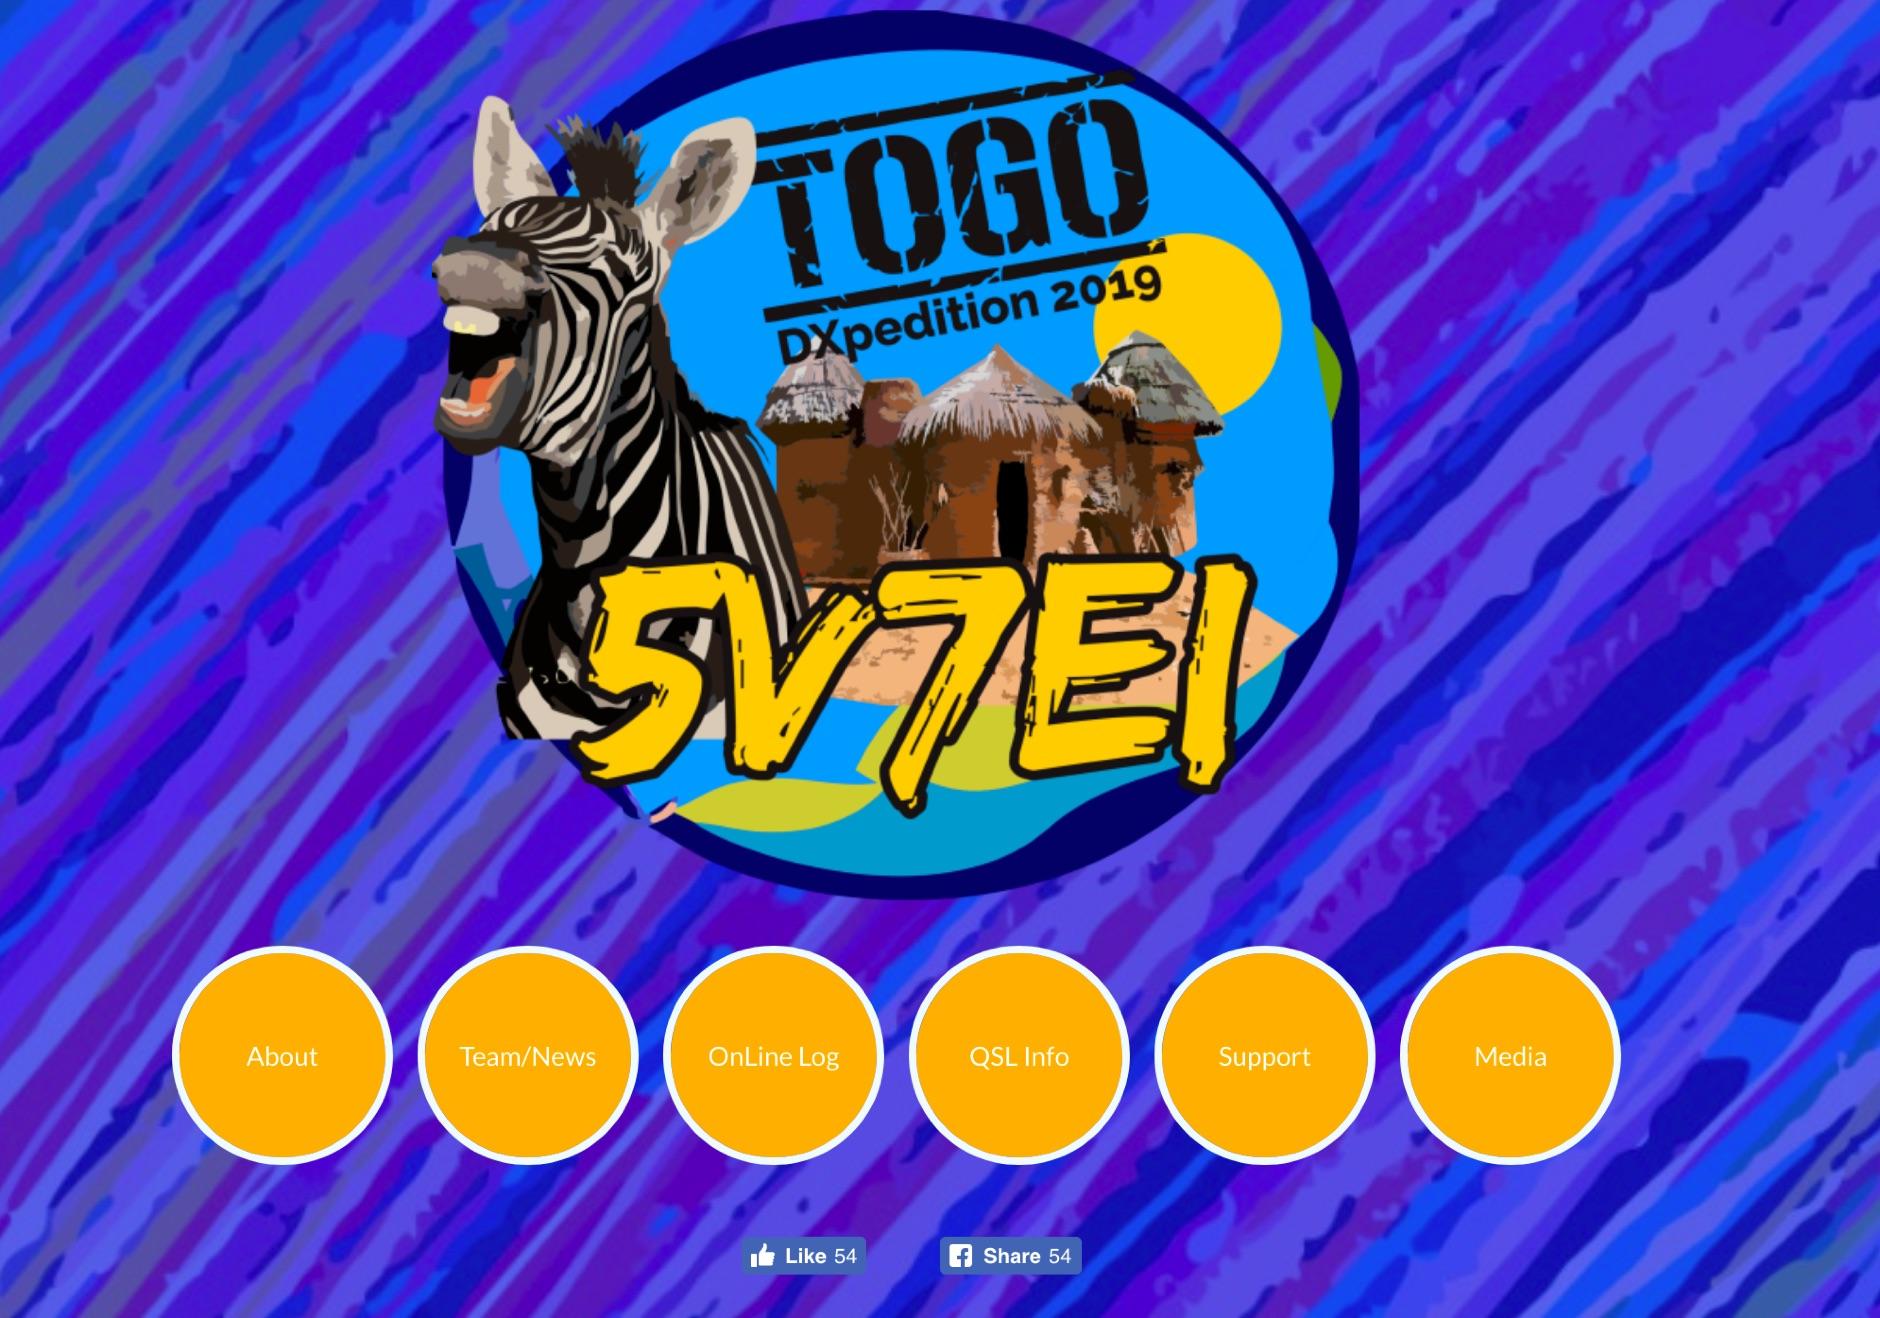 5V7EI Togo DX Pedition